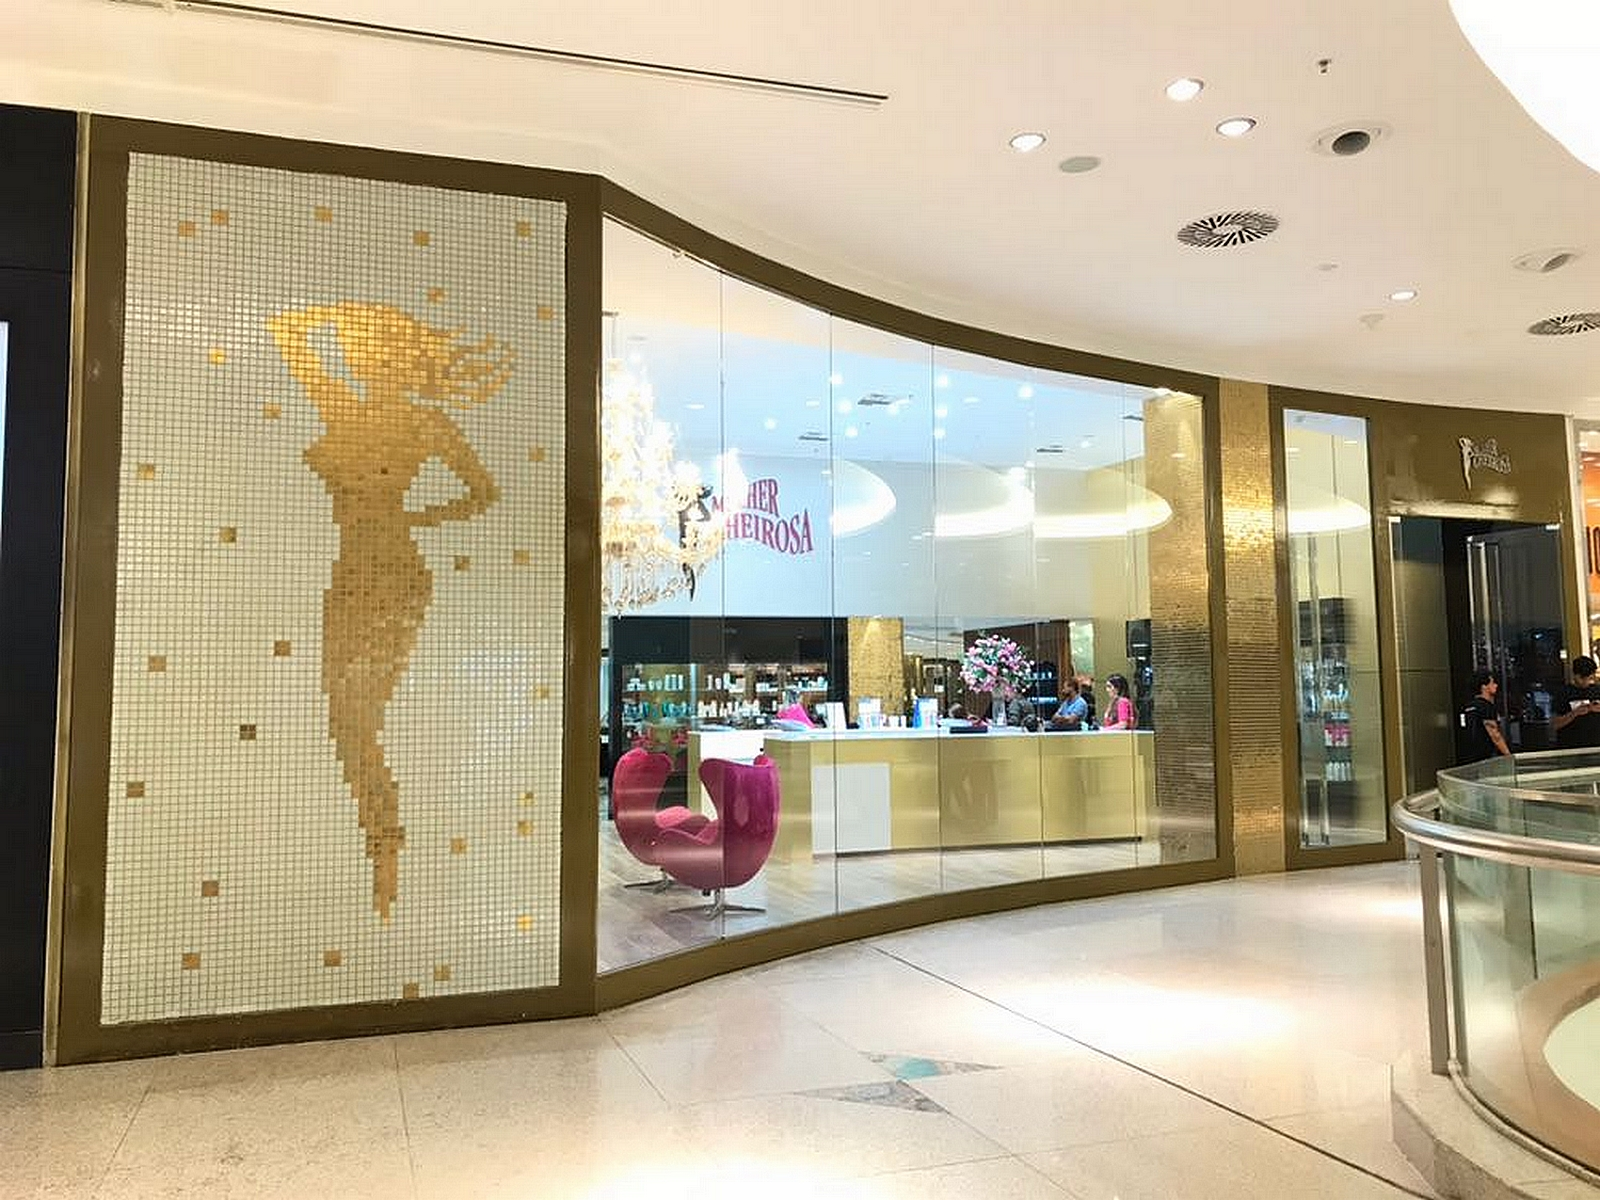 Um novo conceito em serviços de beleza, estética e bem estar chega ao  Recife, ainda em dezembro. A grife cearense de salões de beleza Mulher  Cheirosa ... 41ea574097